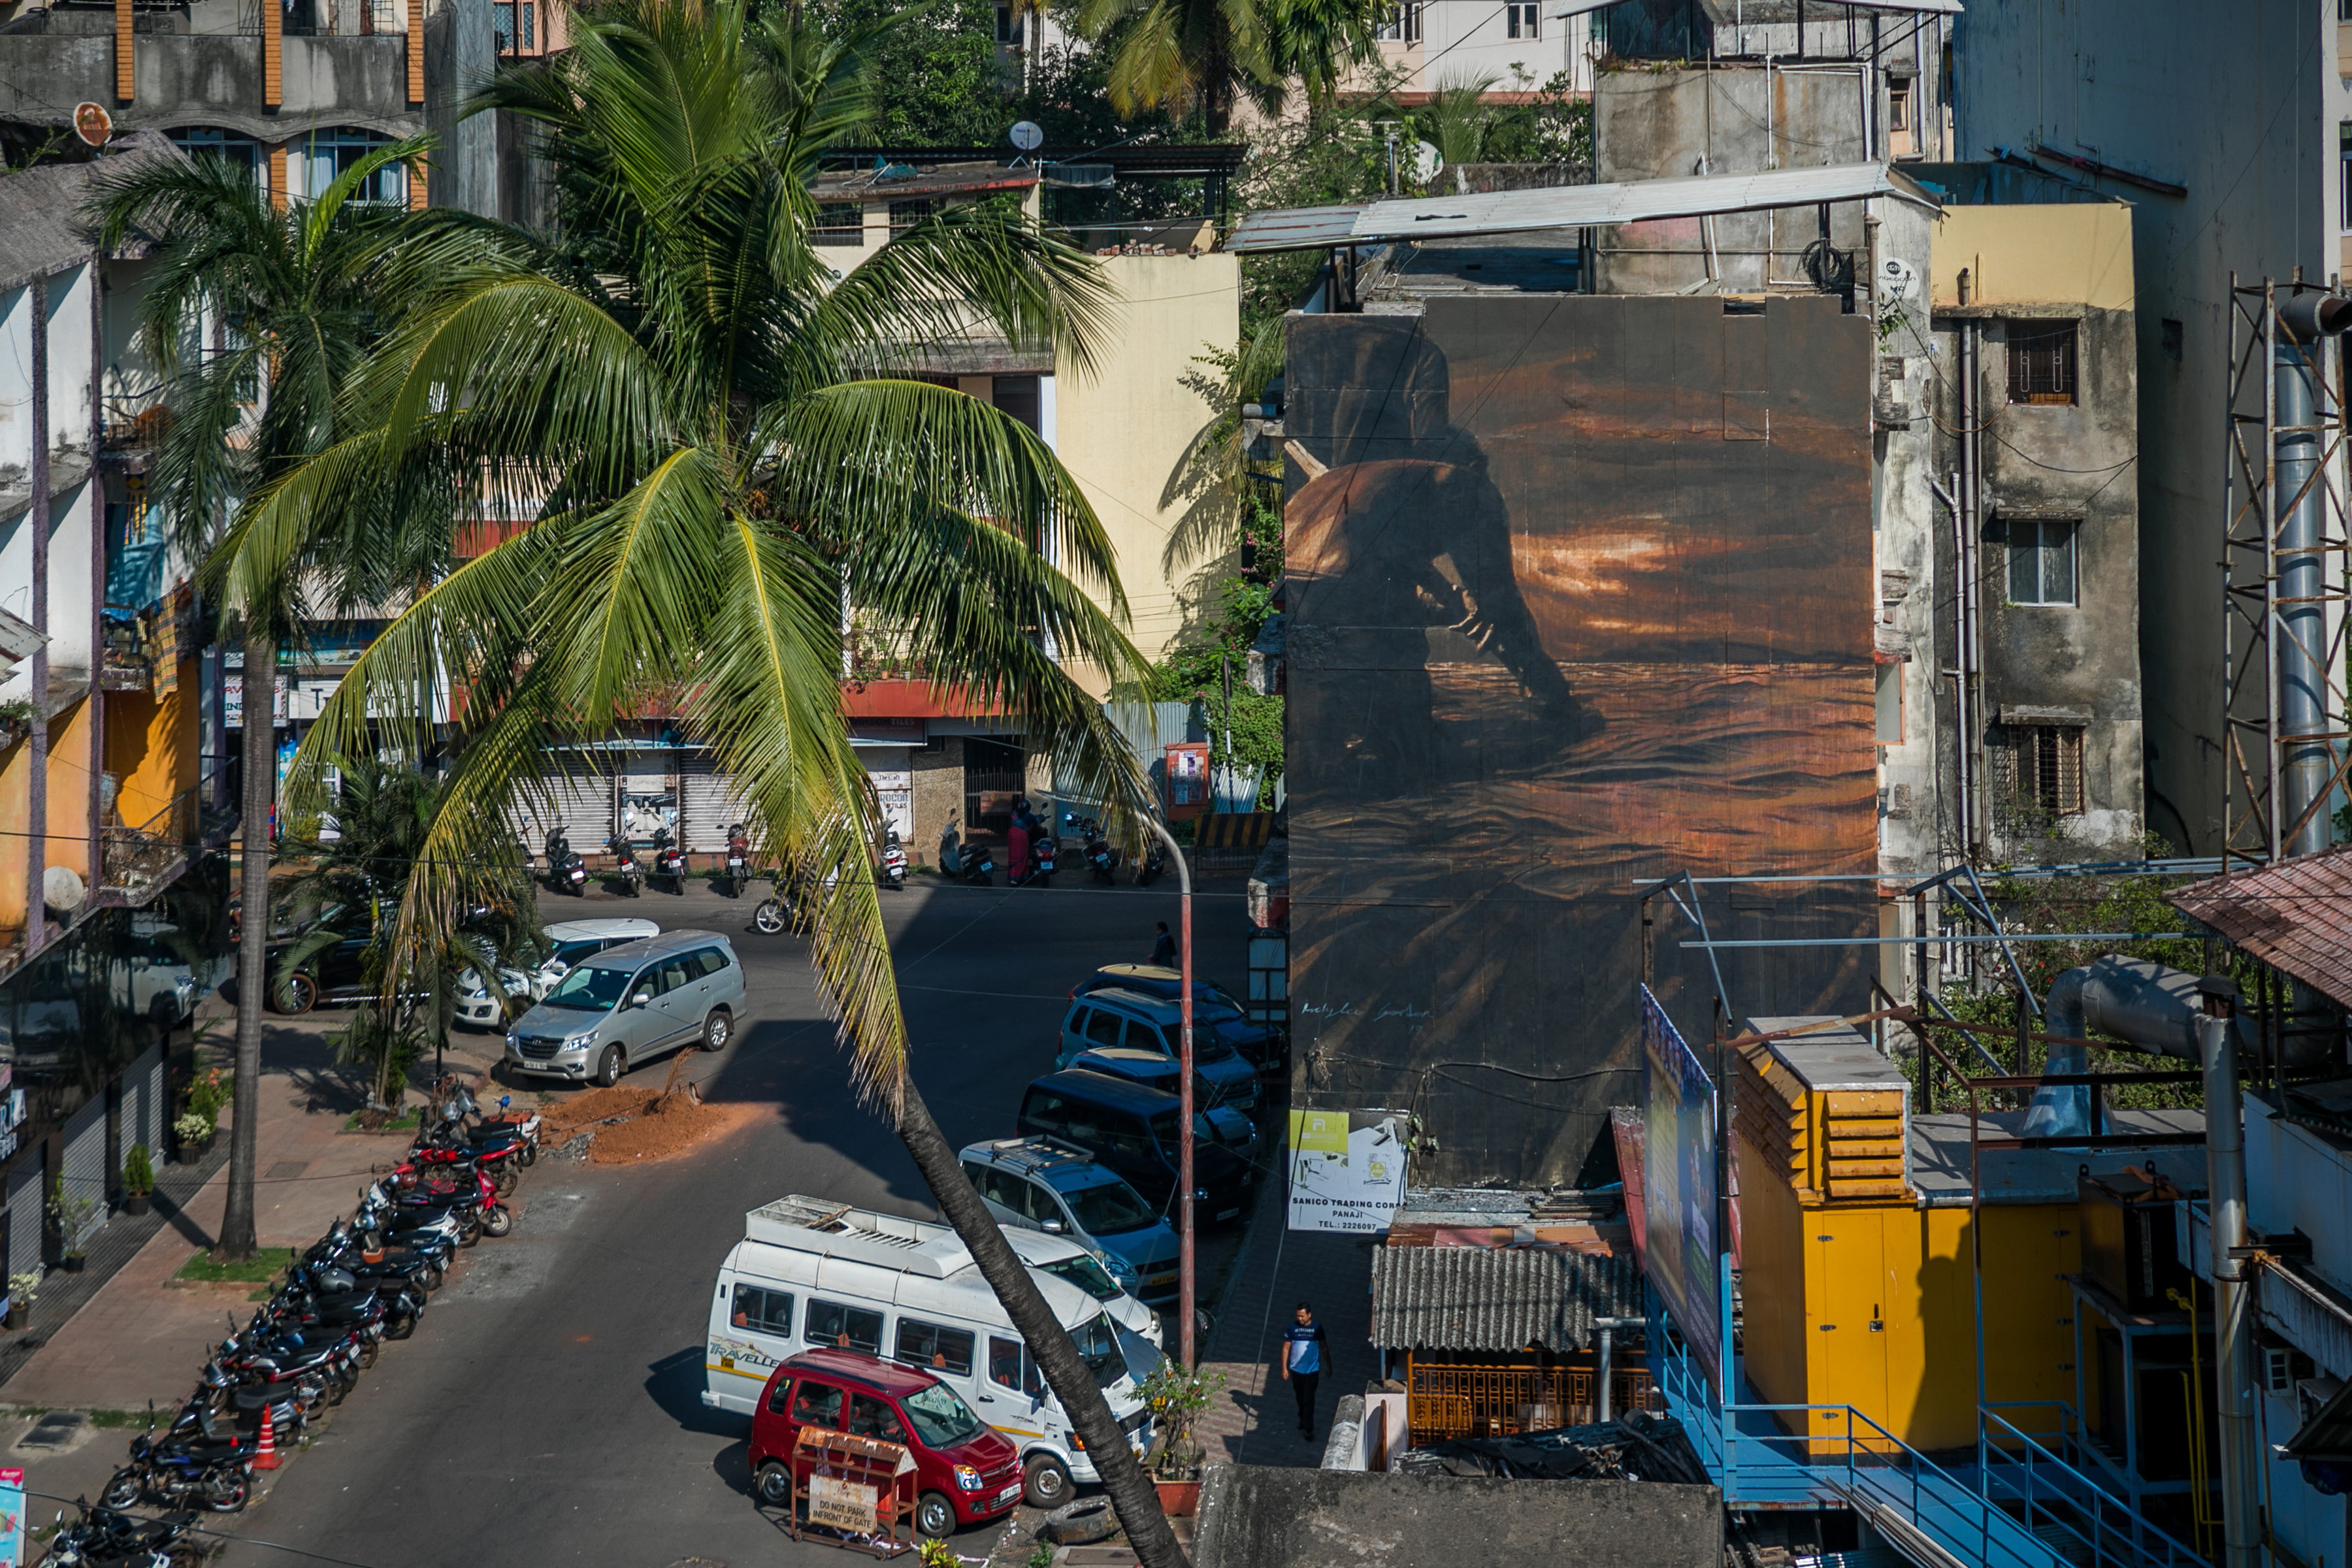 Ricky Lee Reveals St Art Goa 2019 Pranav Gohil 13